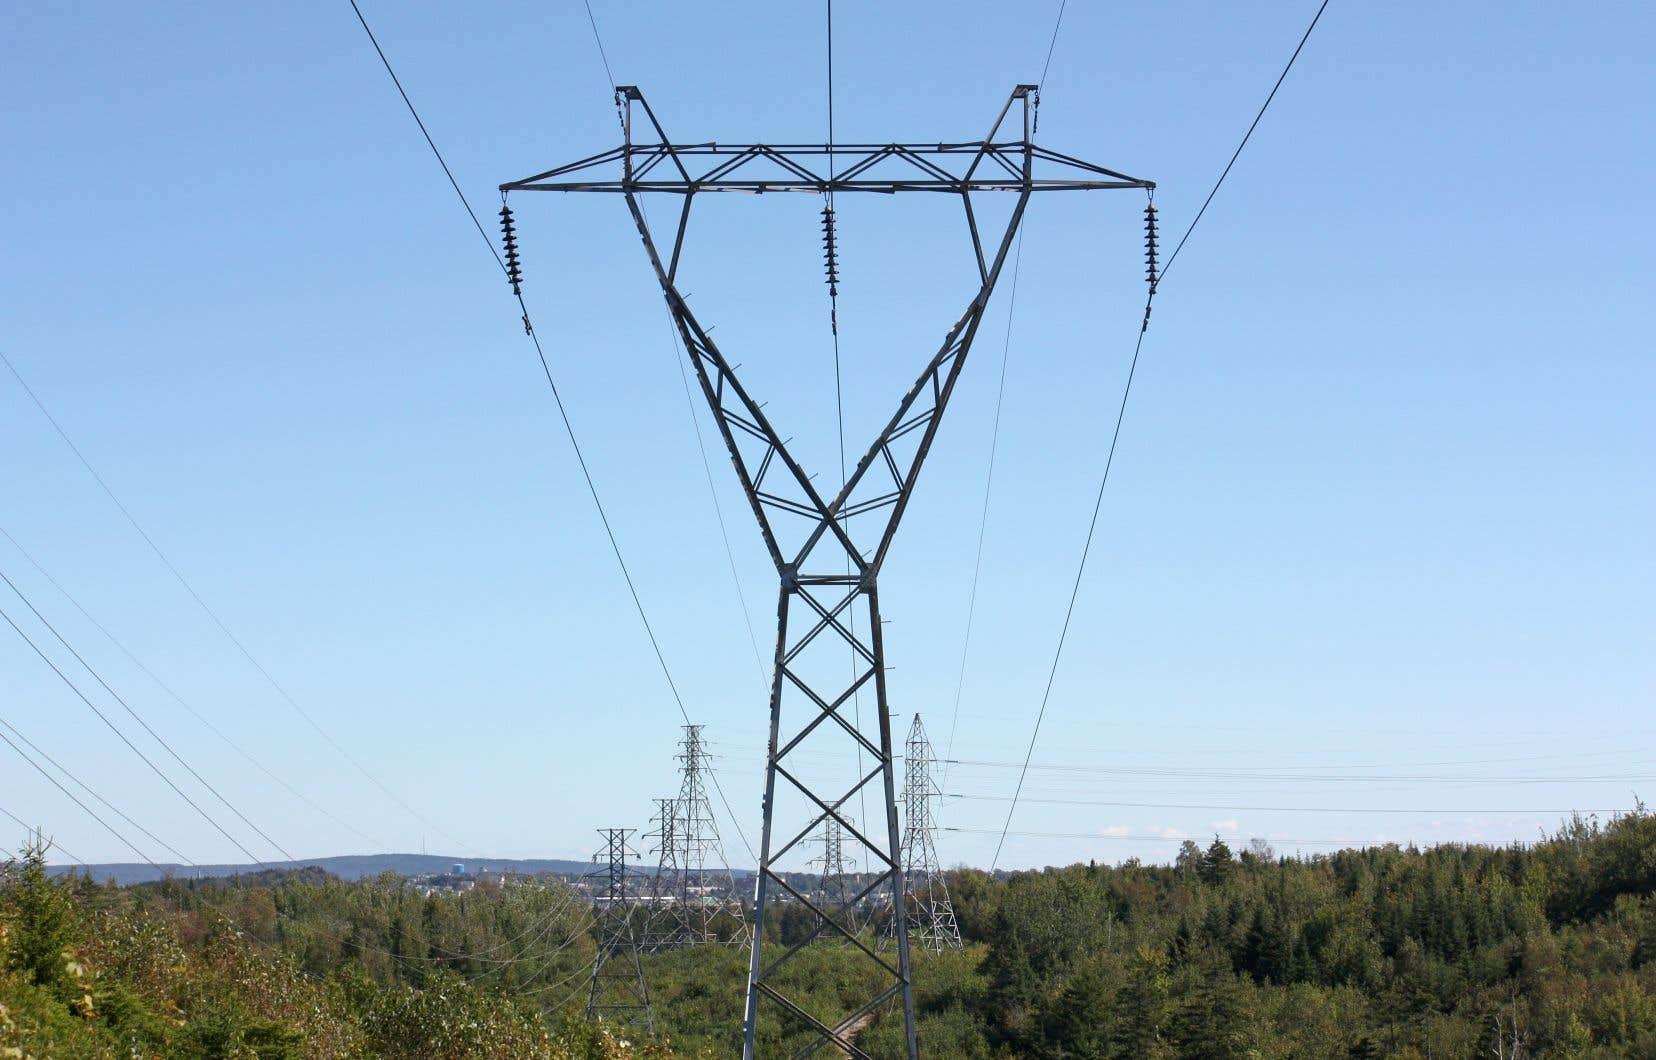 Le projet Northern Pass de transport d'électricité doit traverser le New Hampshire sur plus de 300 kilomètres.